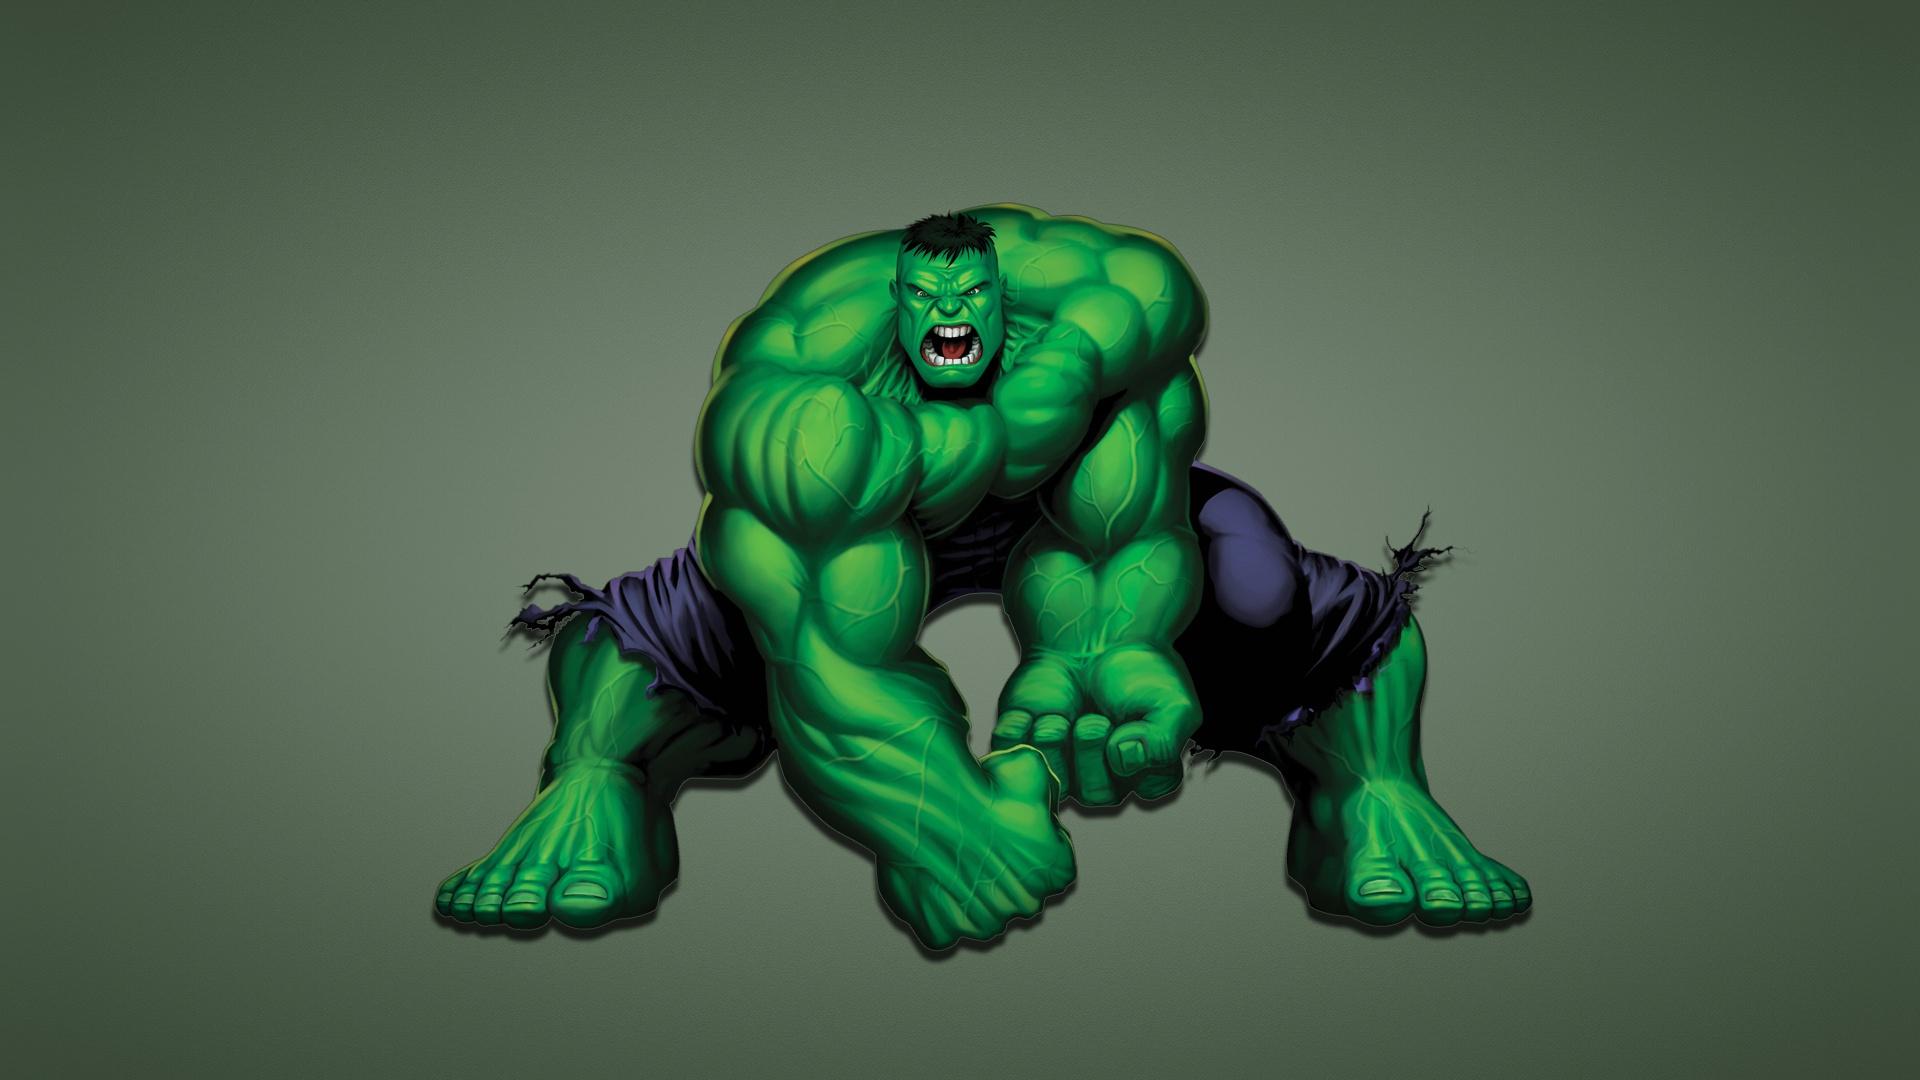 Hulk computer wallpaper